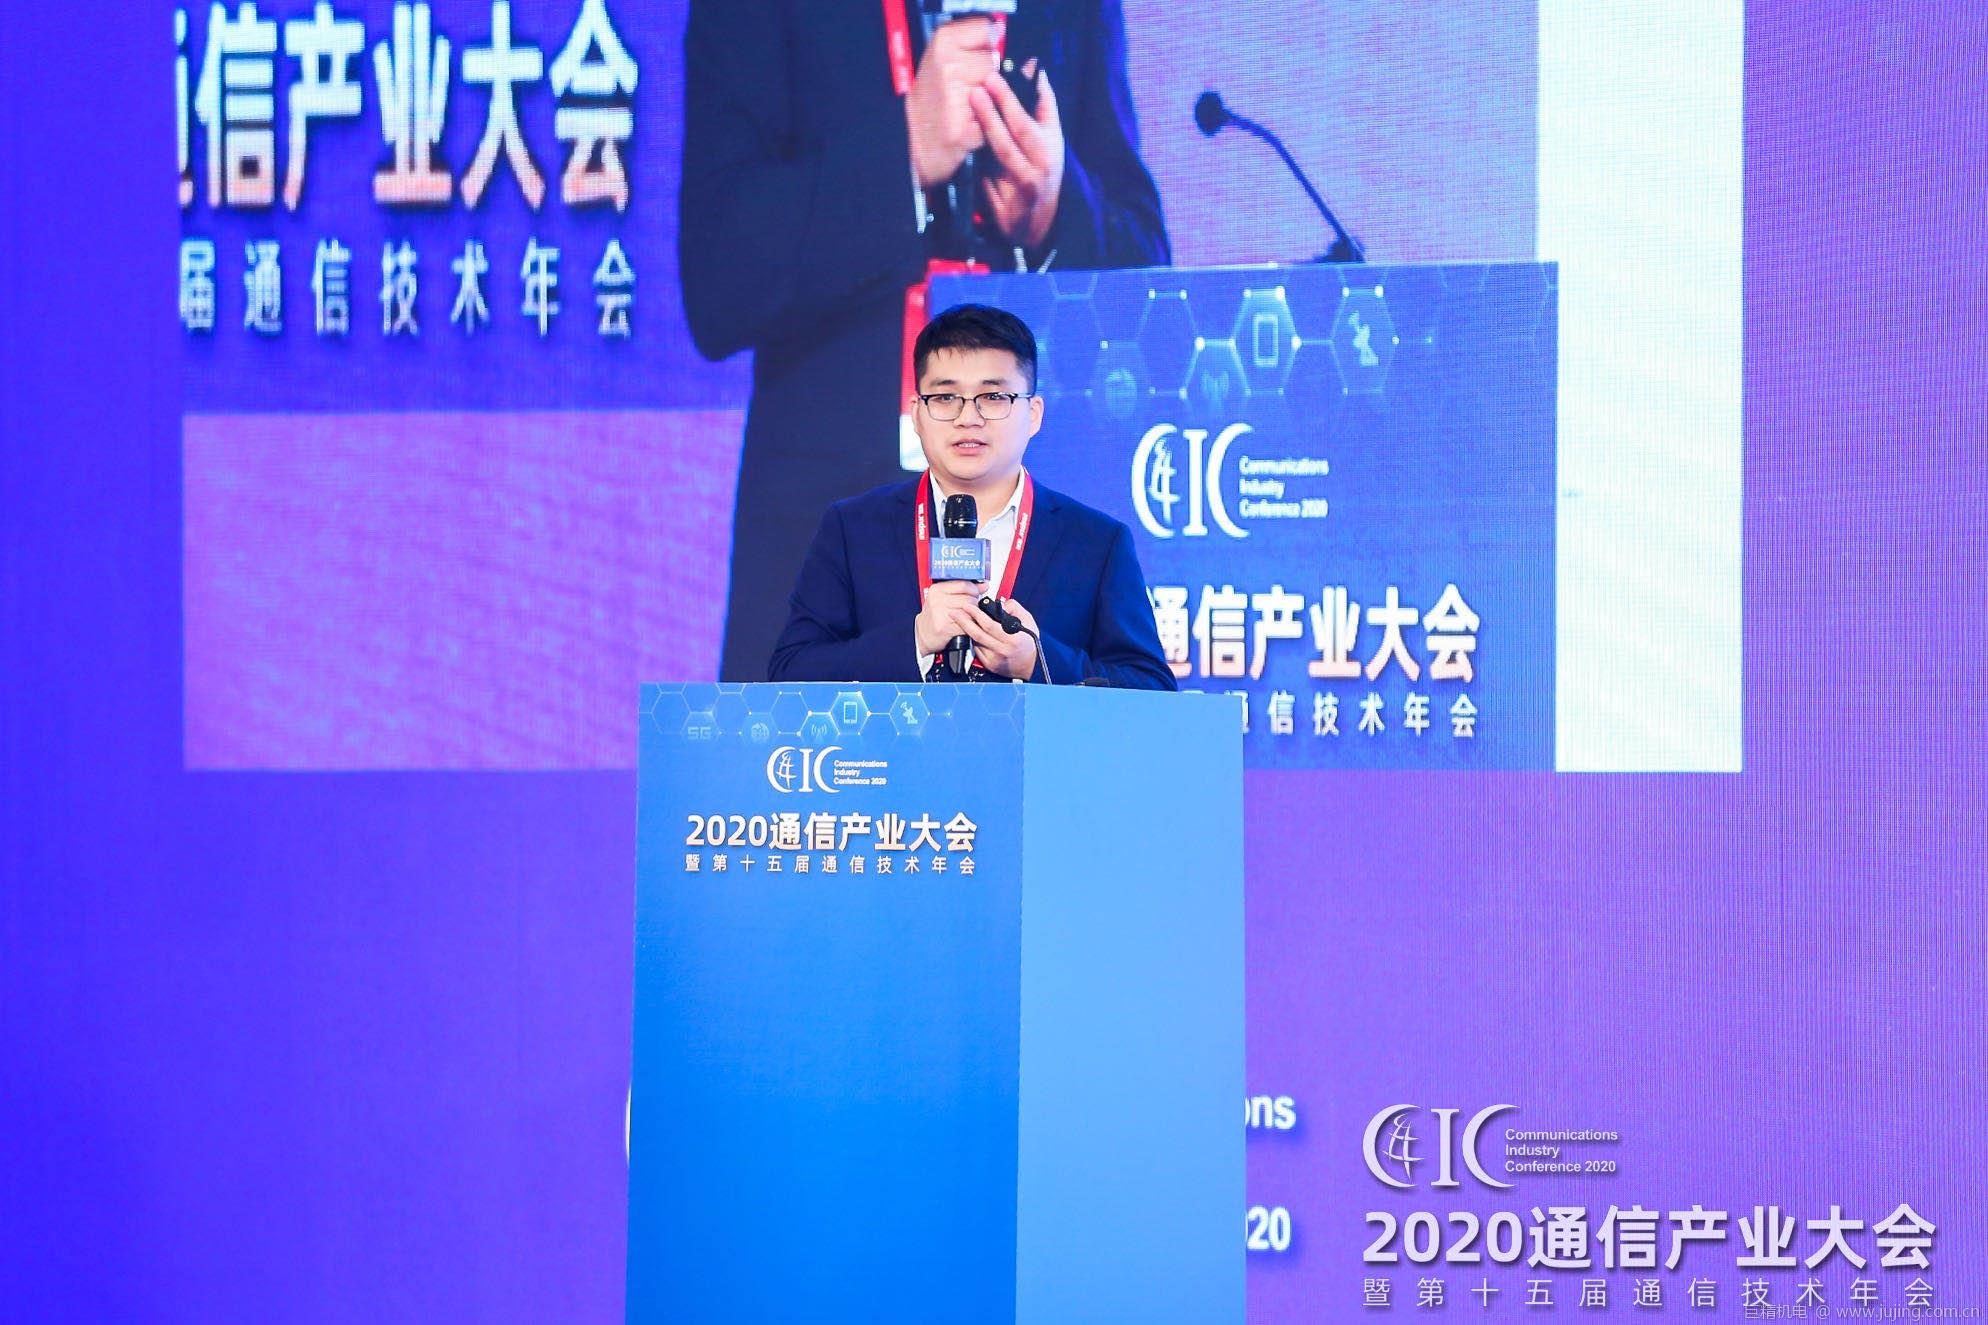 国家电网能源研究院高洪达:2026年,运营商5G基站电费成本将显著上升